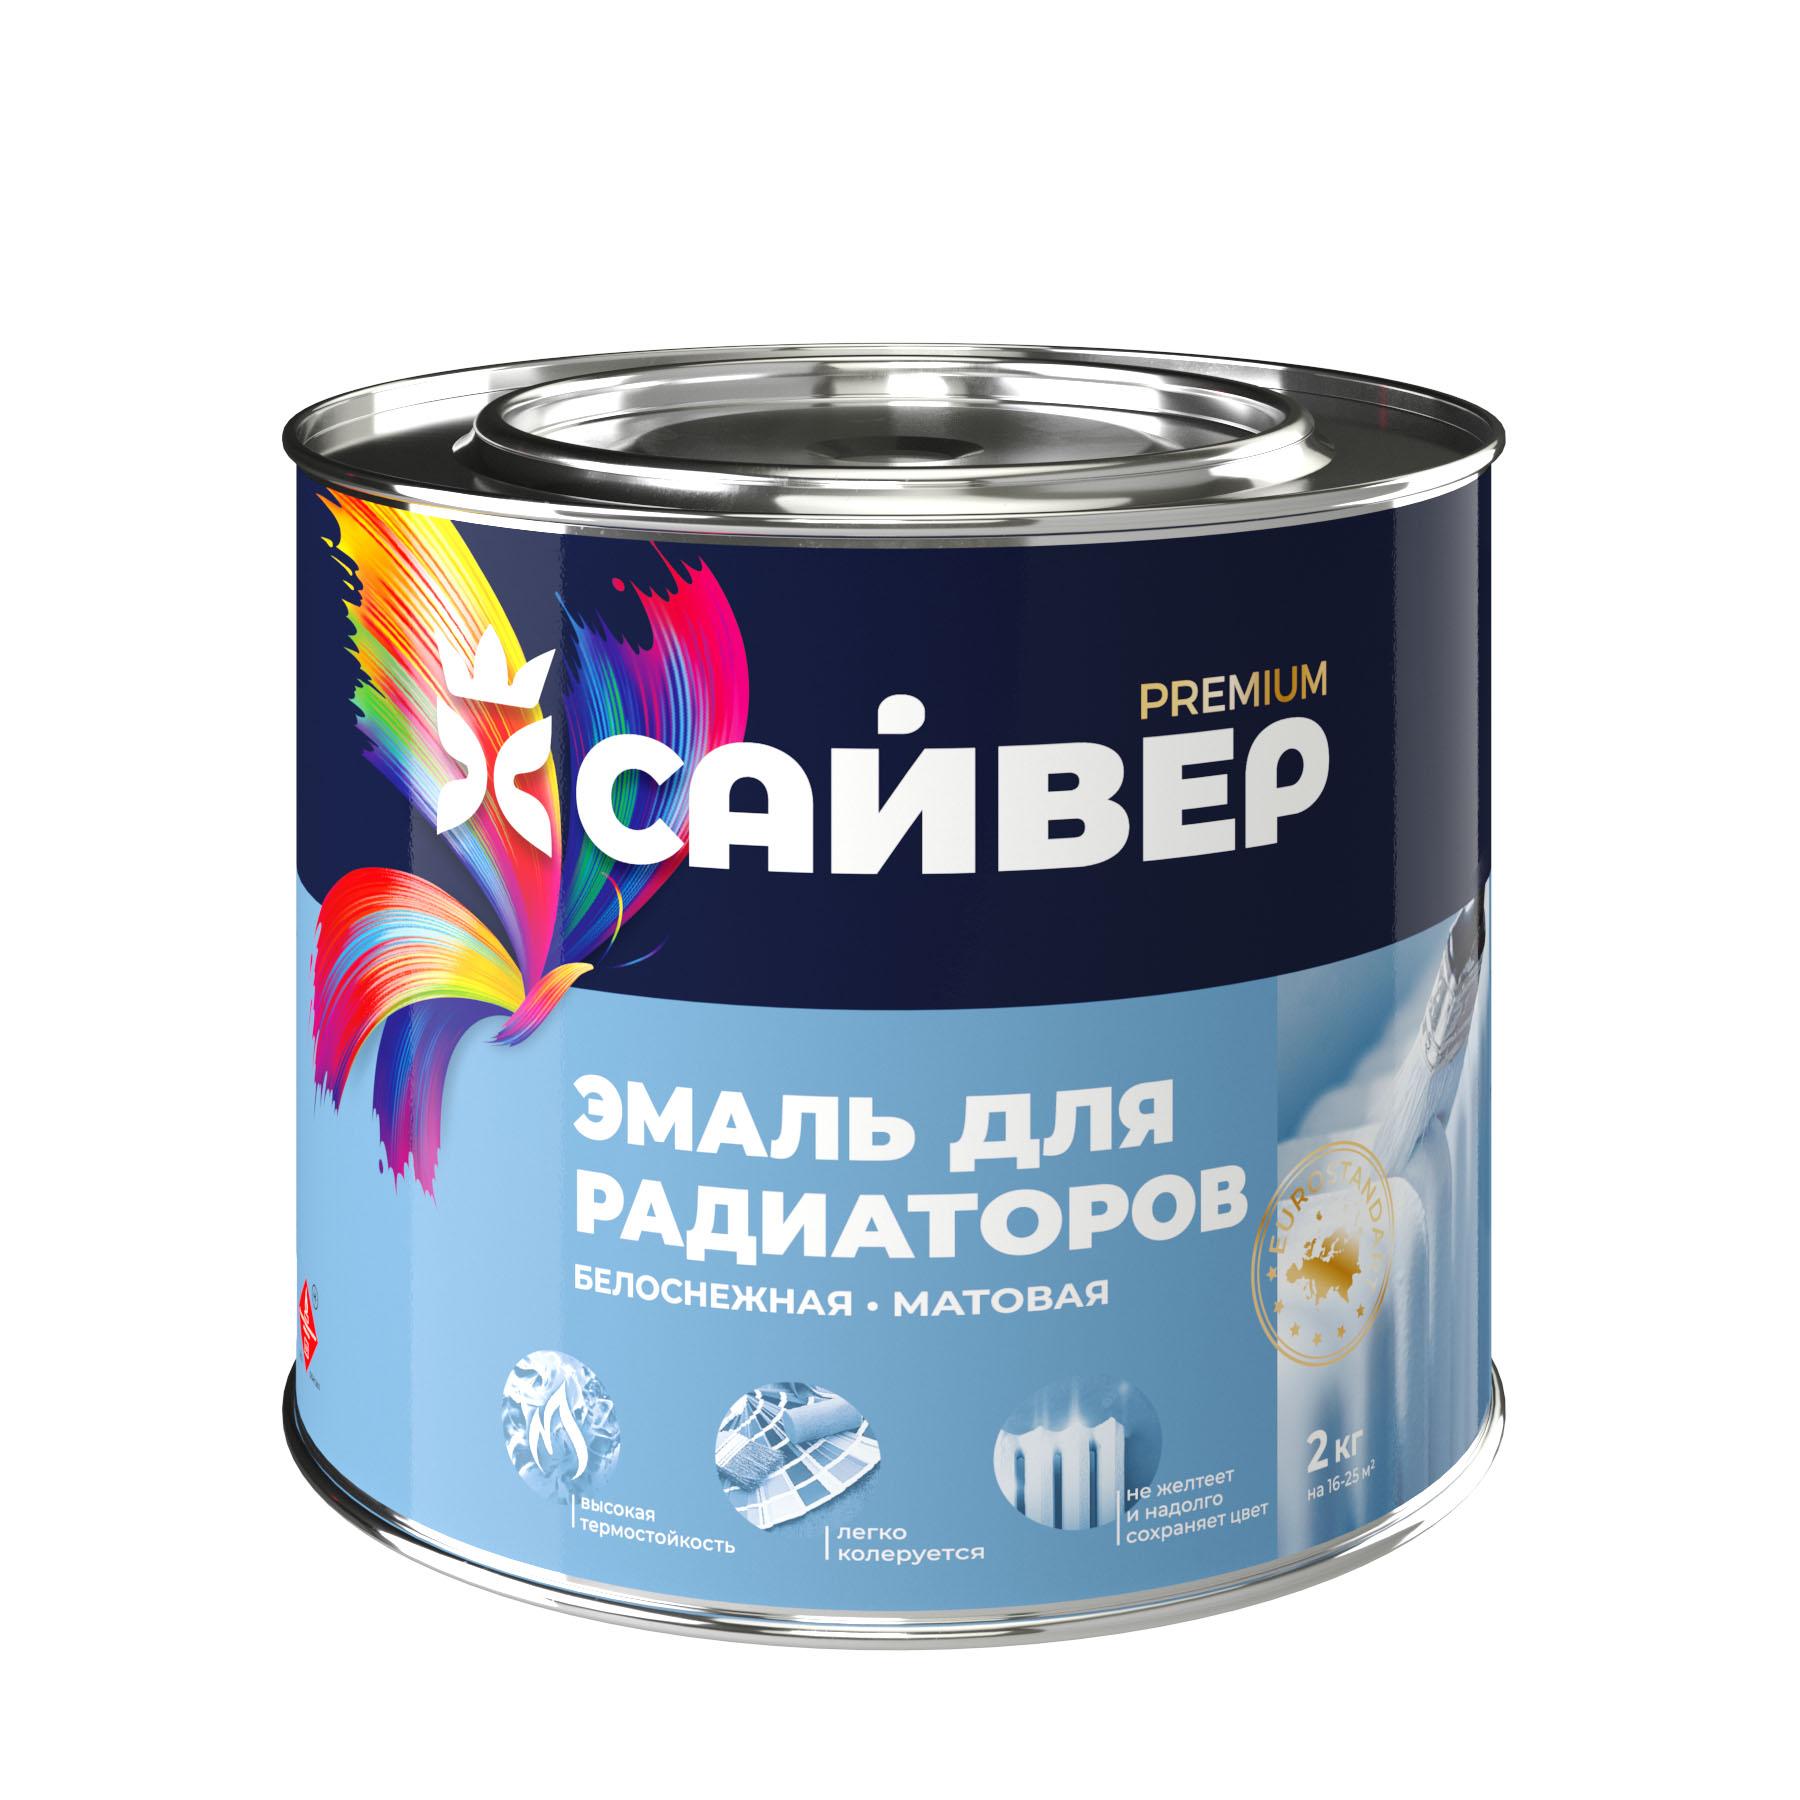 Эмаль Сайвер для радиаторов 2 кг - фото